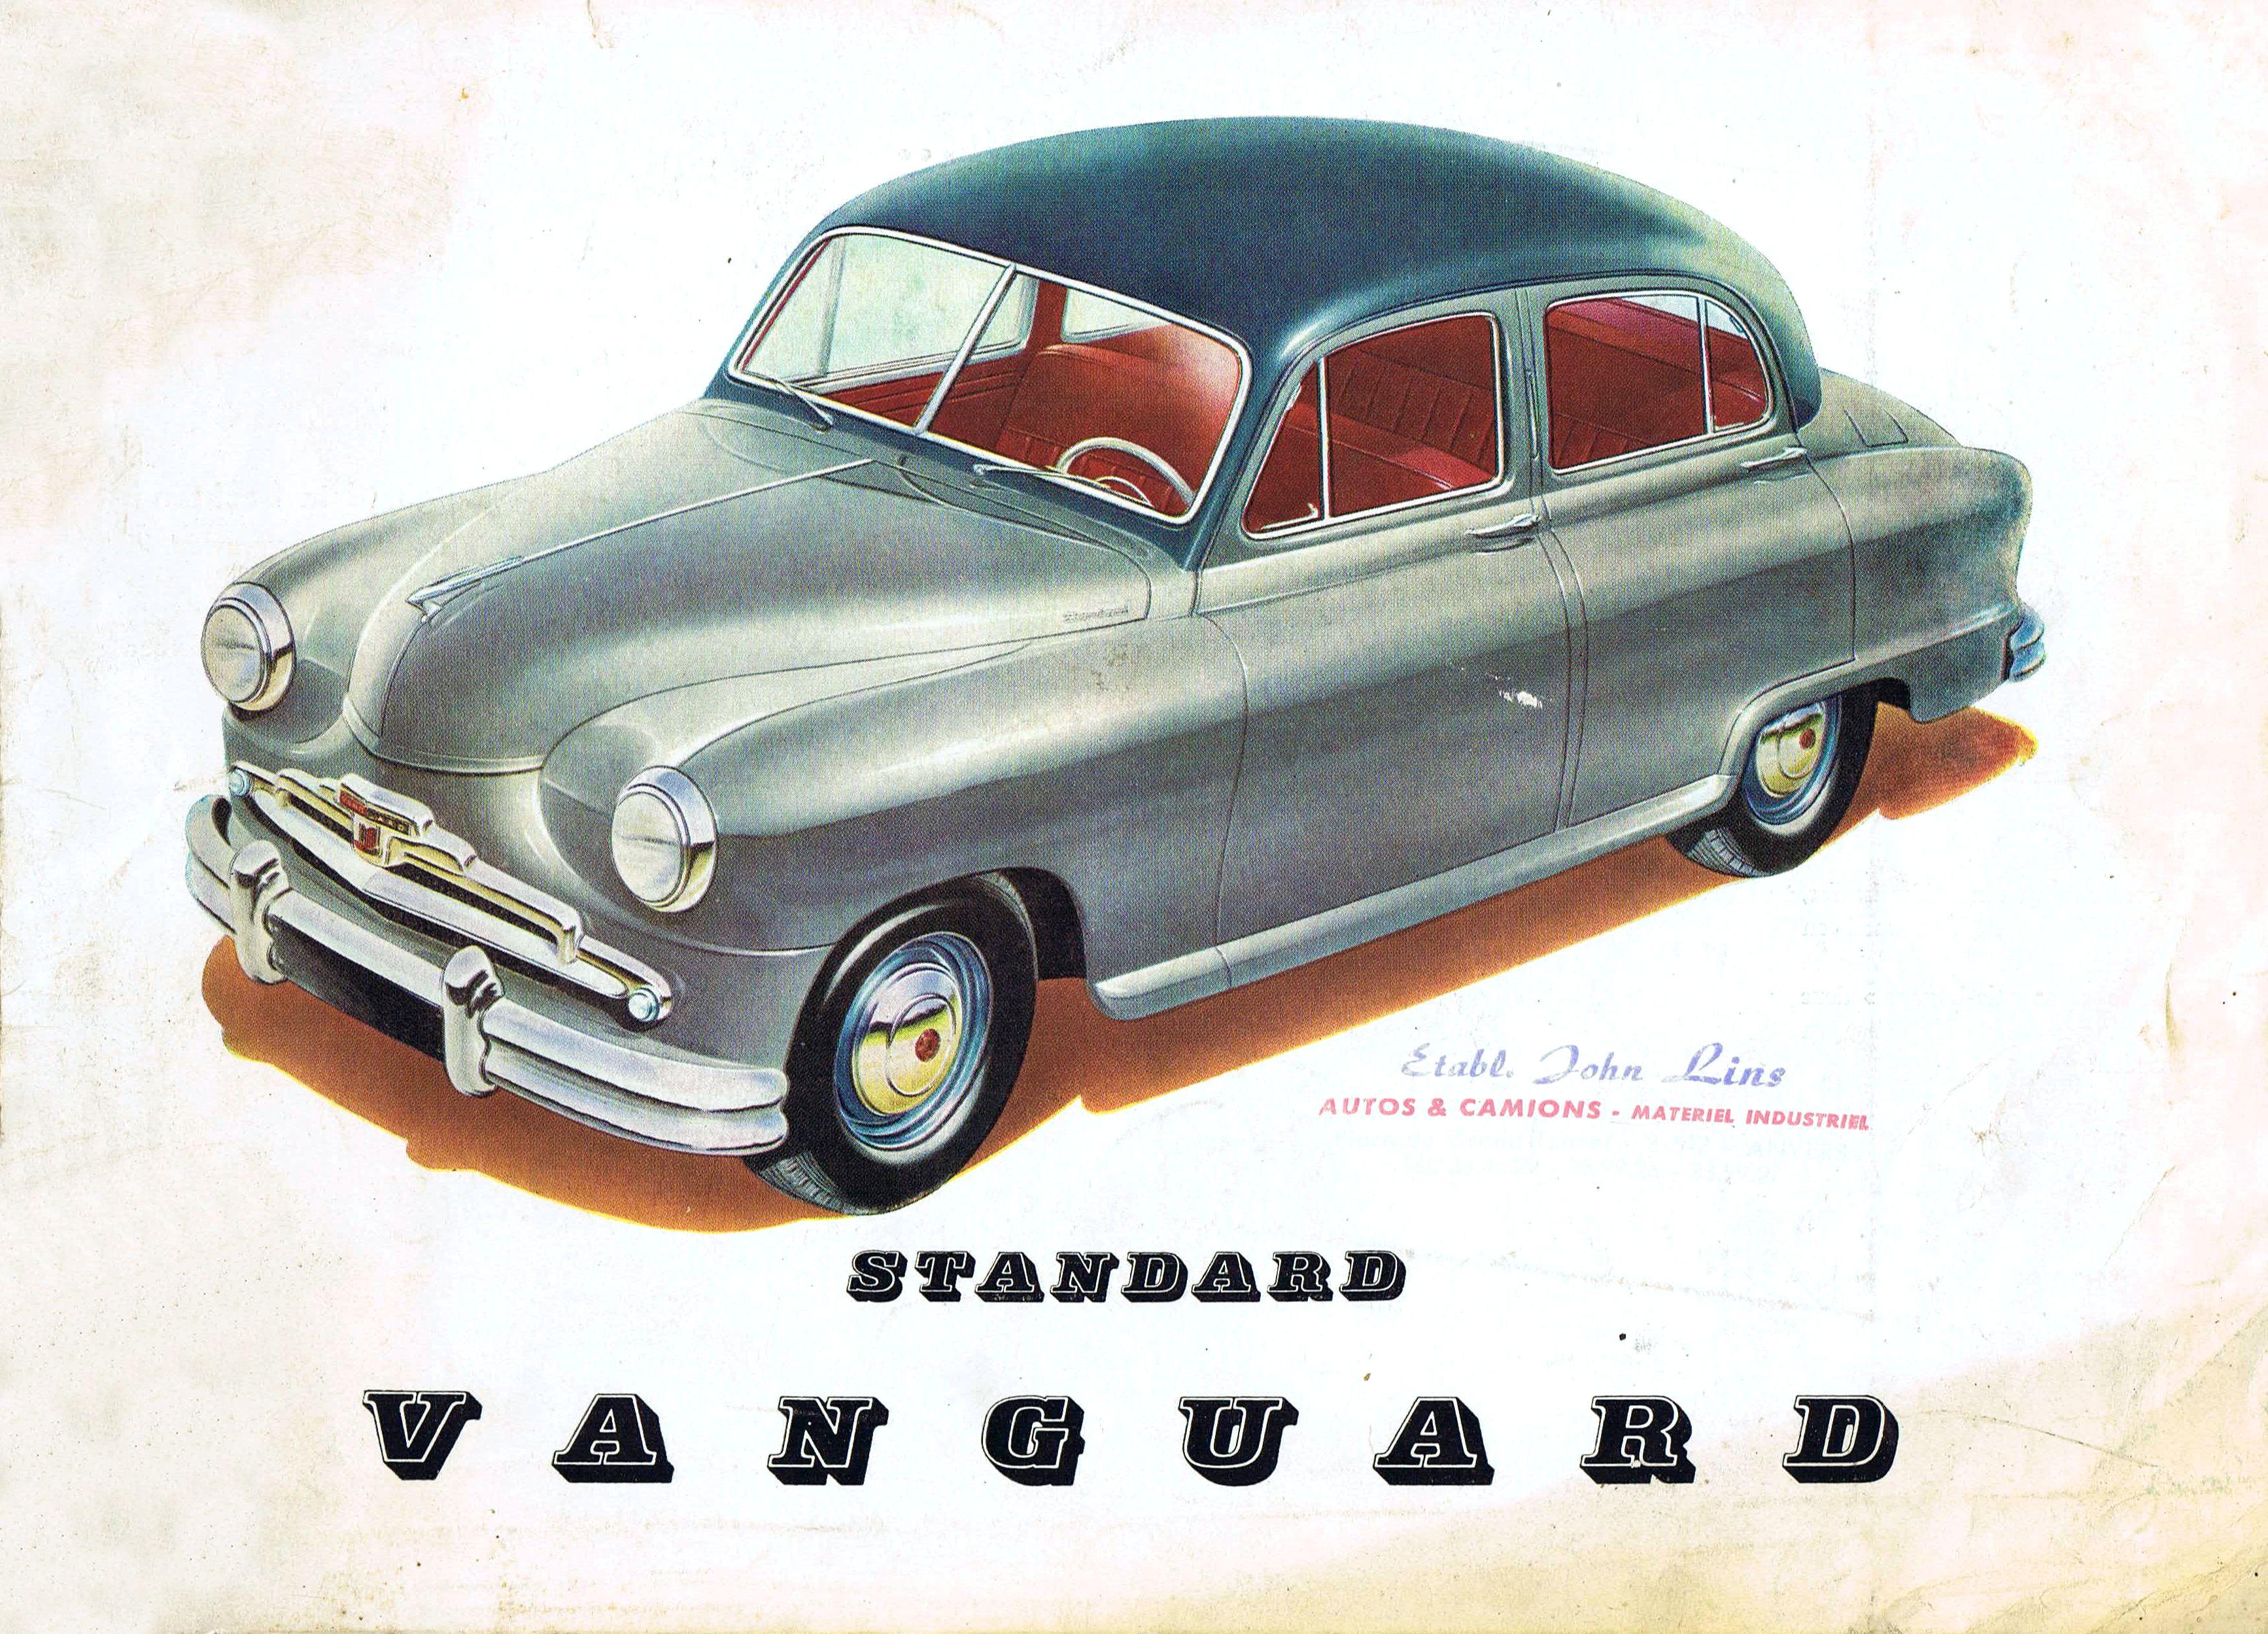 Standard Vanguard brochure